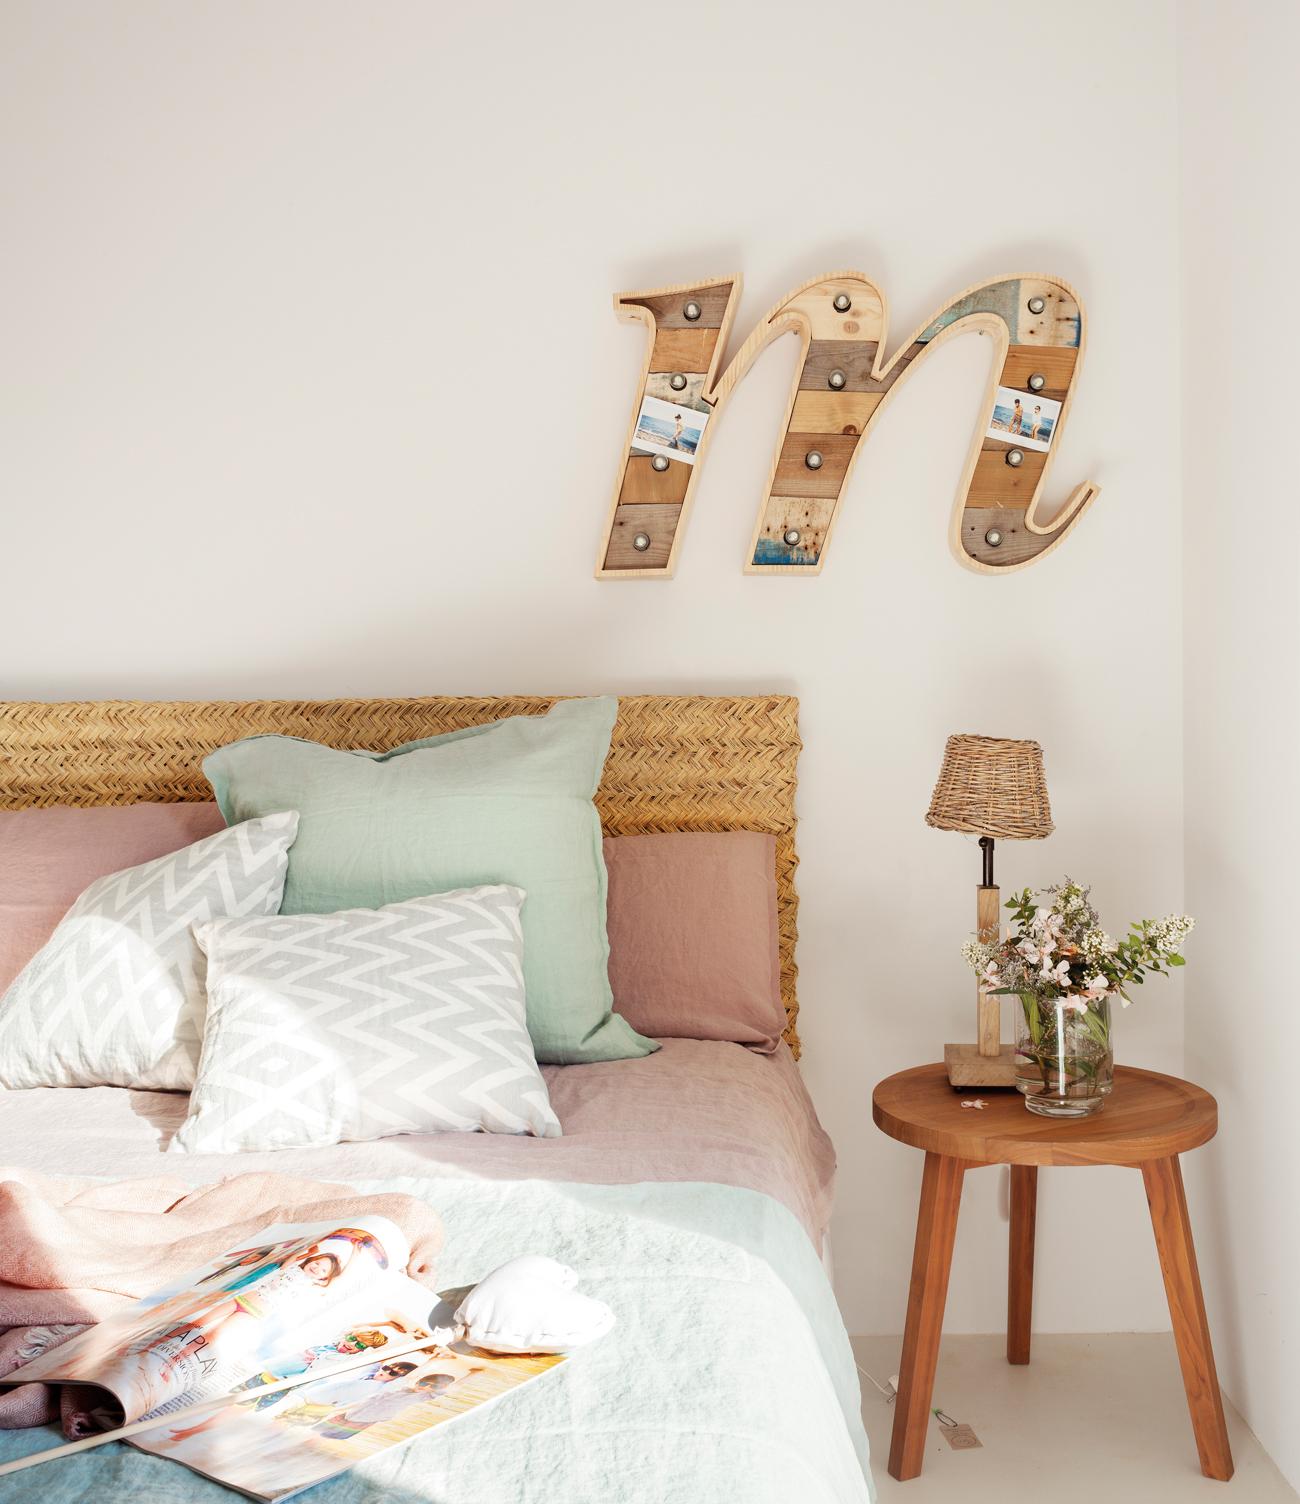 Cabeceros de cama de madera r sticos decorados o - Cabeceros de madera rusticos ...